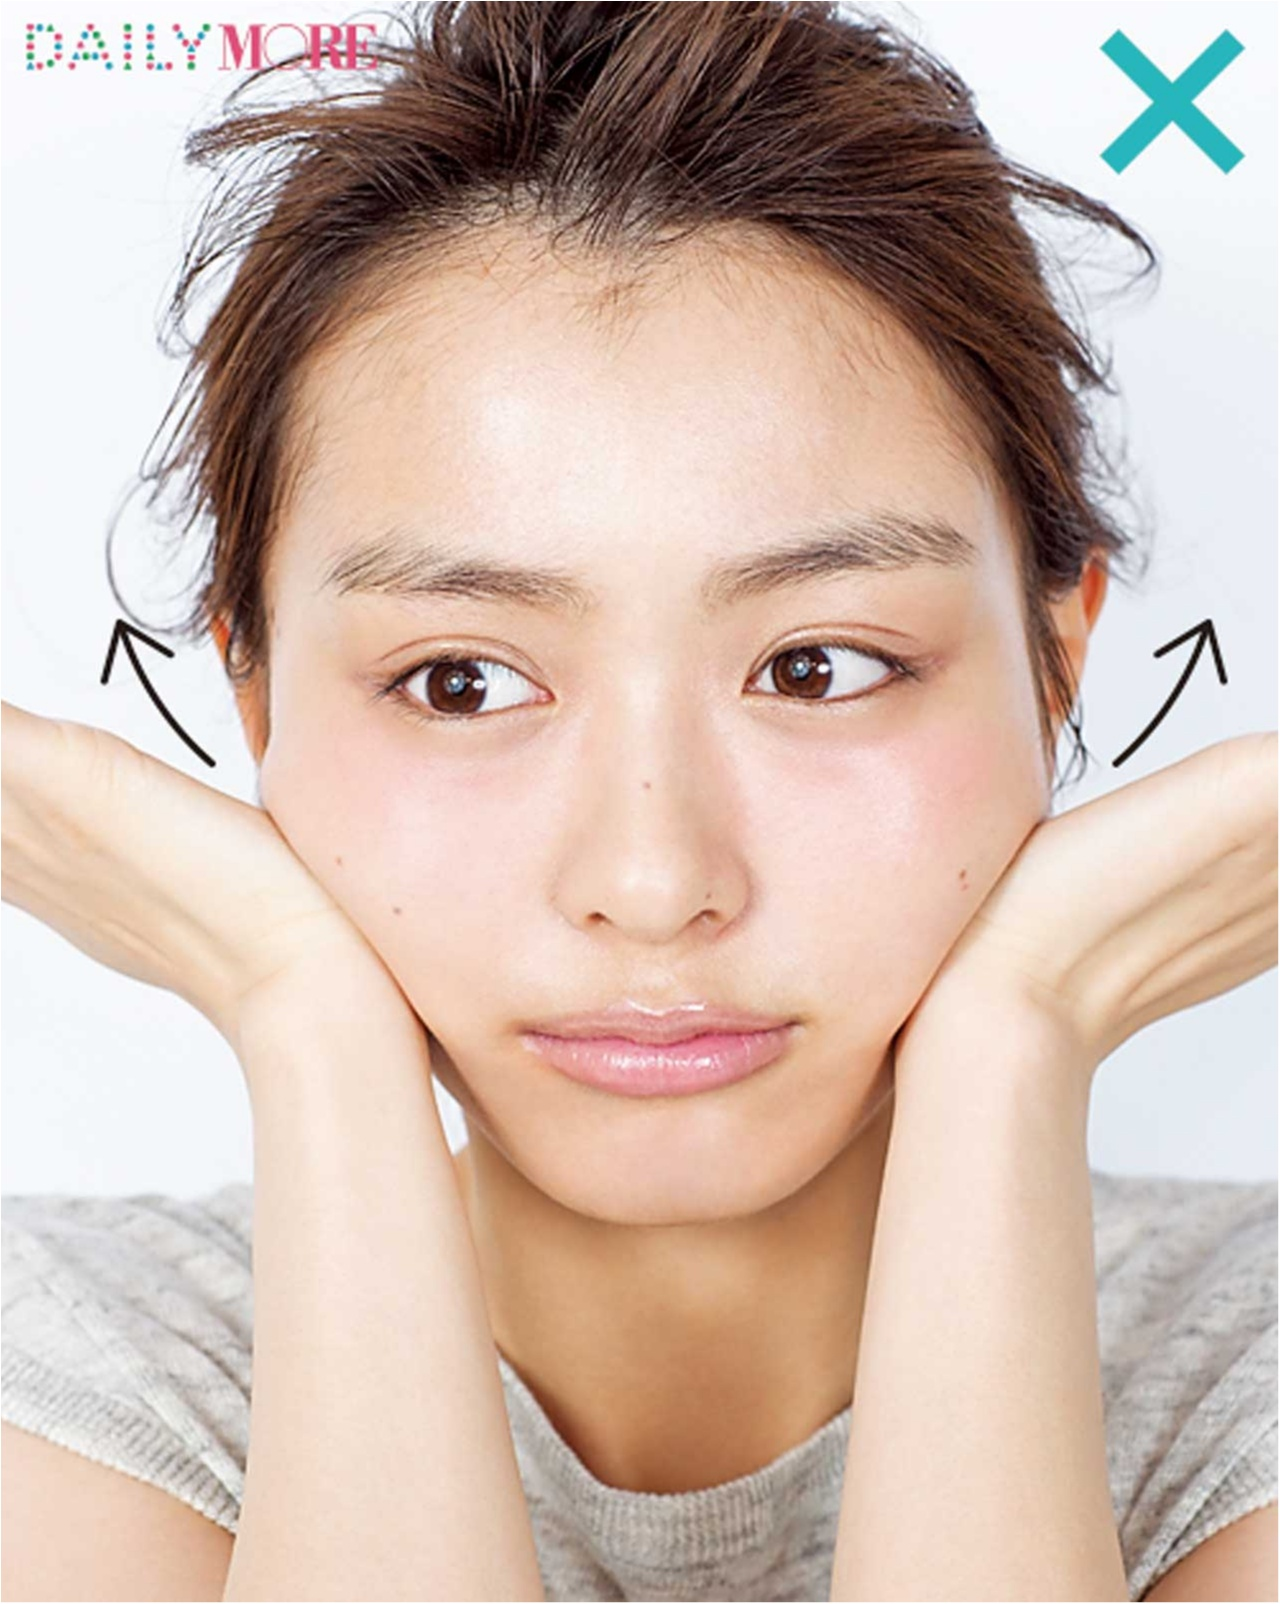 エラ張りの悩みを解消して小顔になれるテク - エラの張りがカバーできる前髪や眉メイク、セルフコルギ(マッサージ)など_11